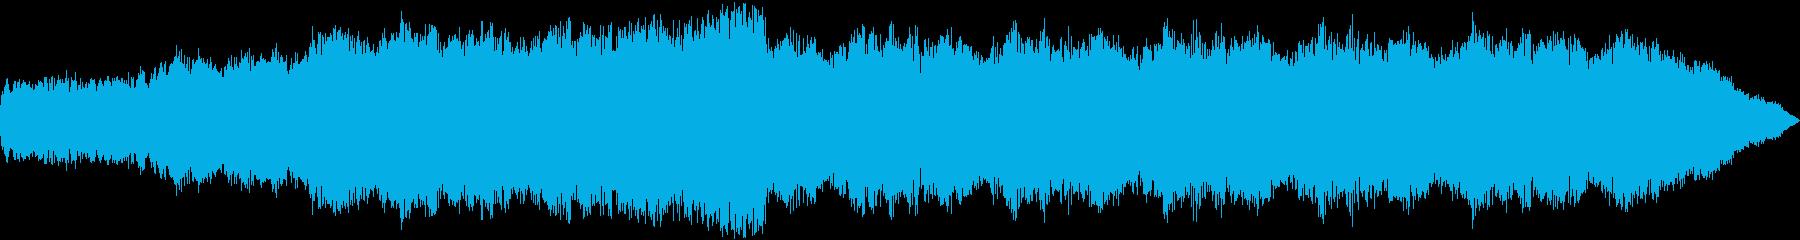 重厚なハーモニーから始まる神聖な曲の再生済みの波形